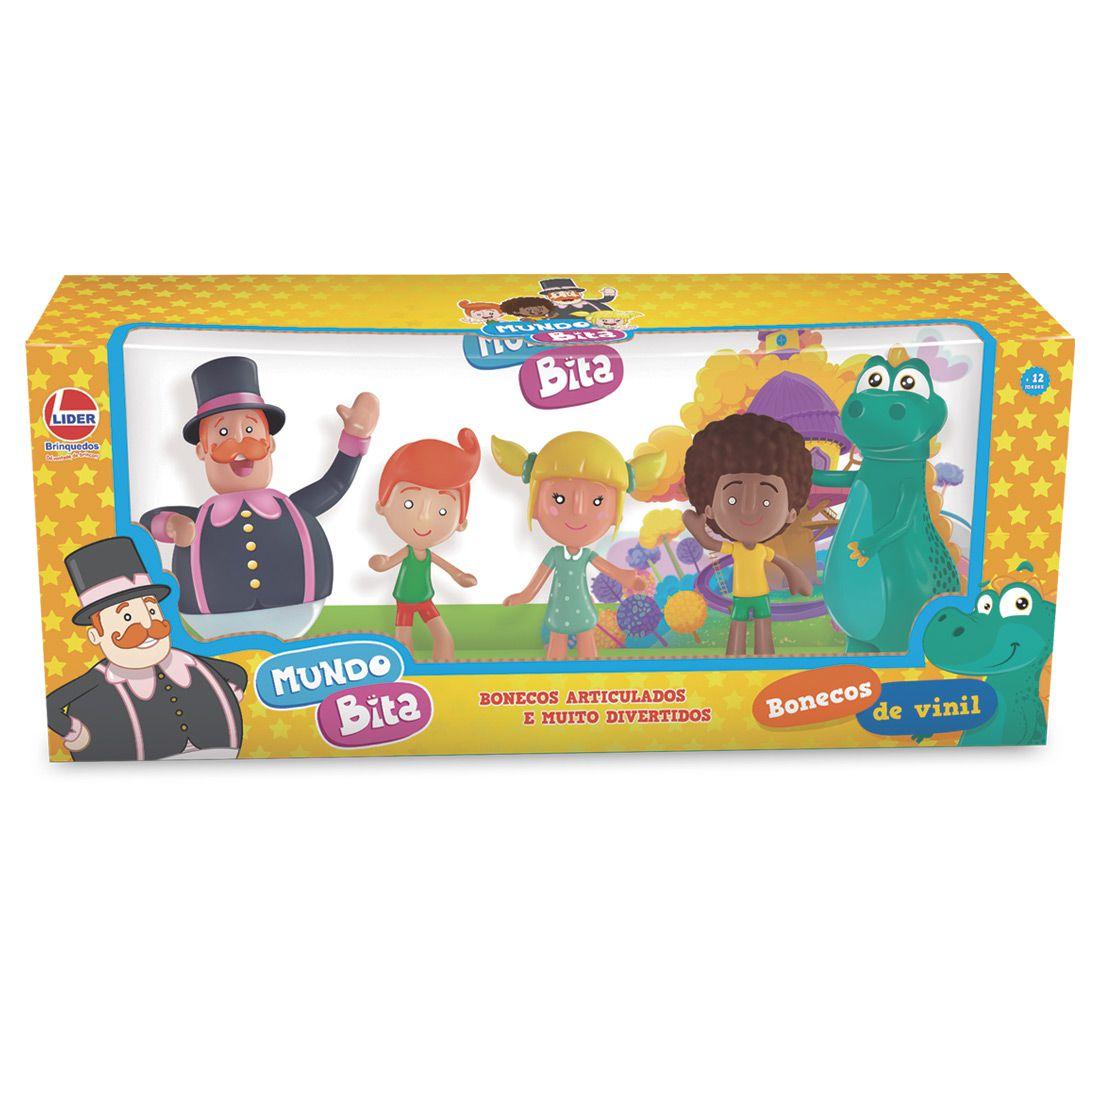 Bonecos Família Bita  - Lojinha do Bita